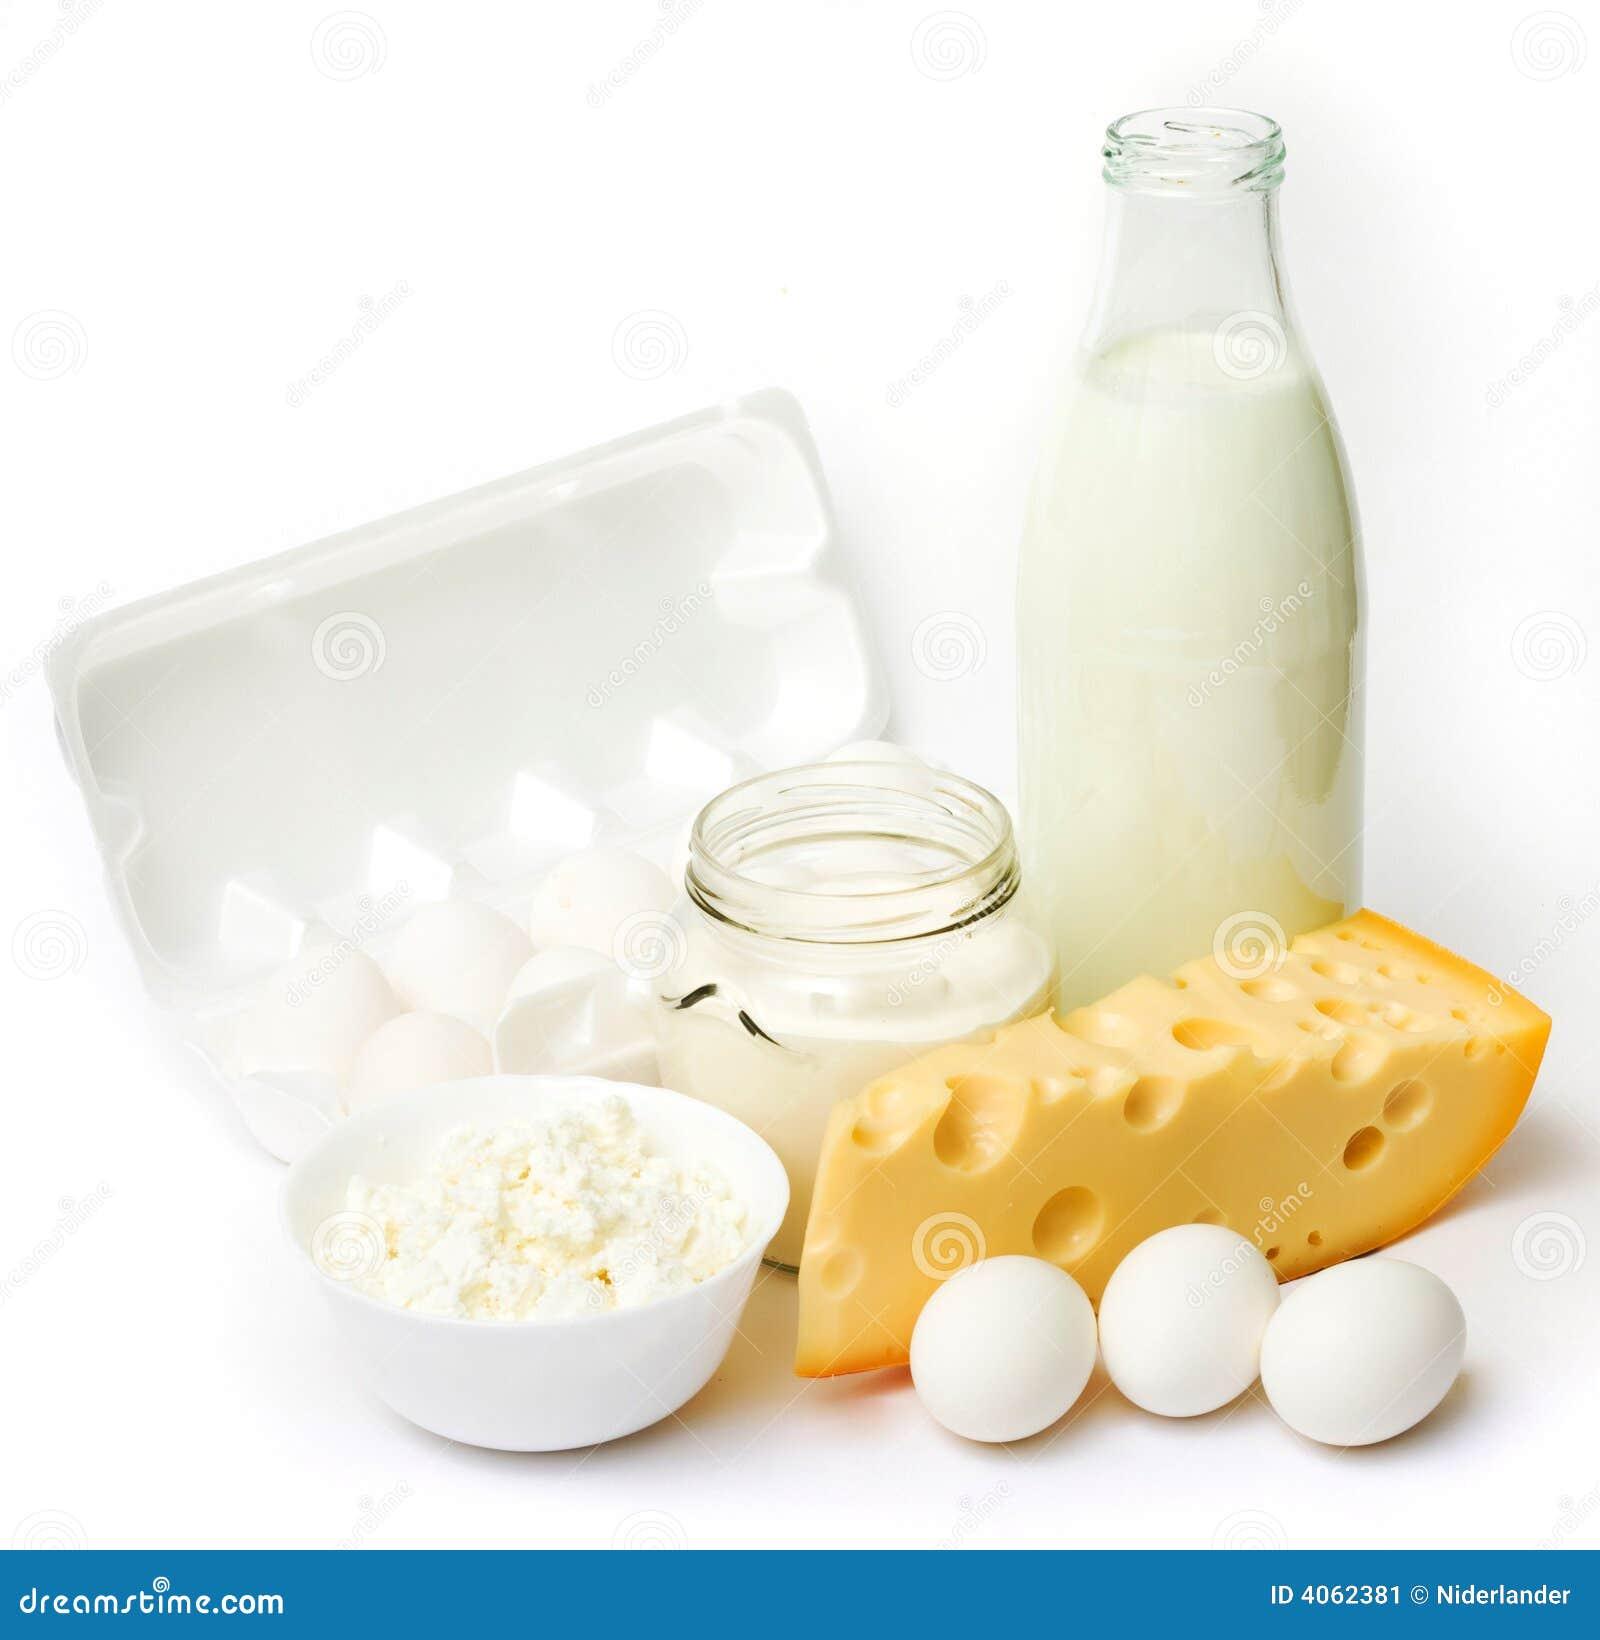 Ovos e produtos lácteos frescos